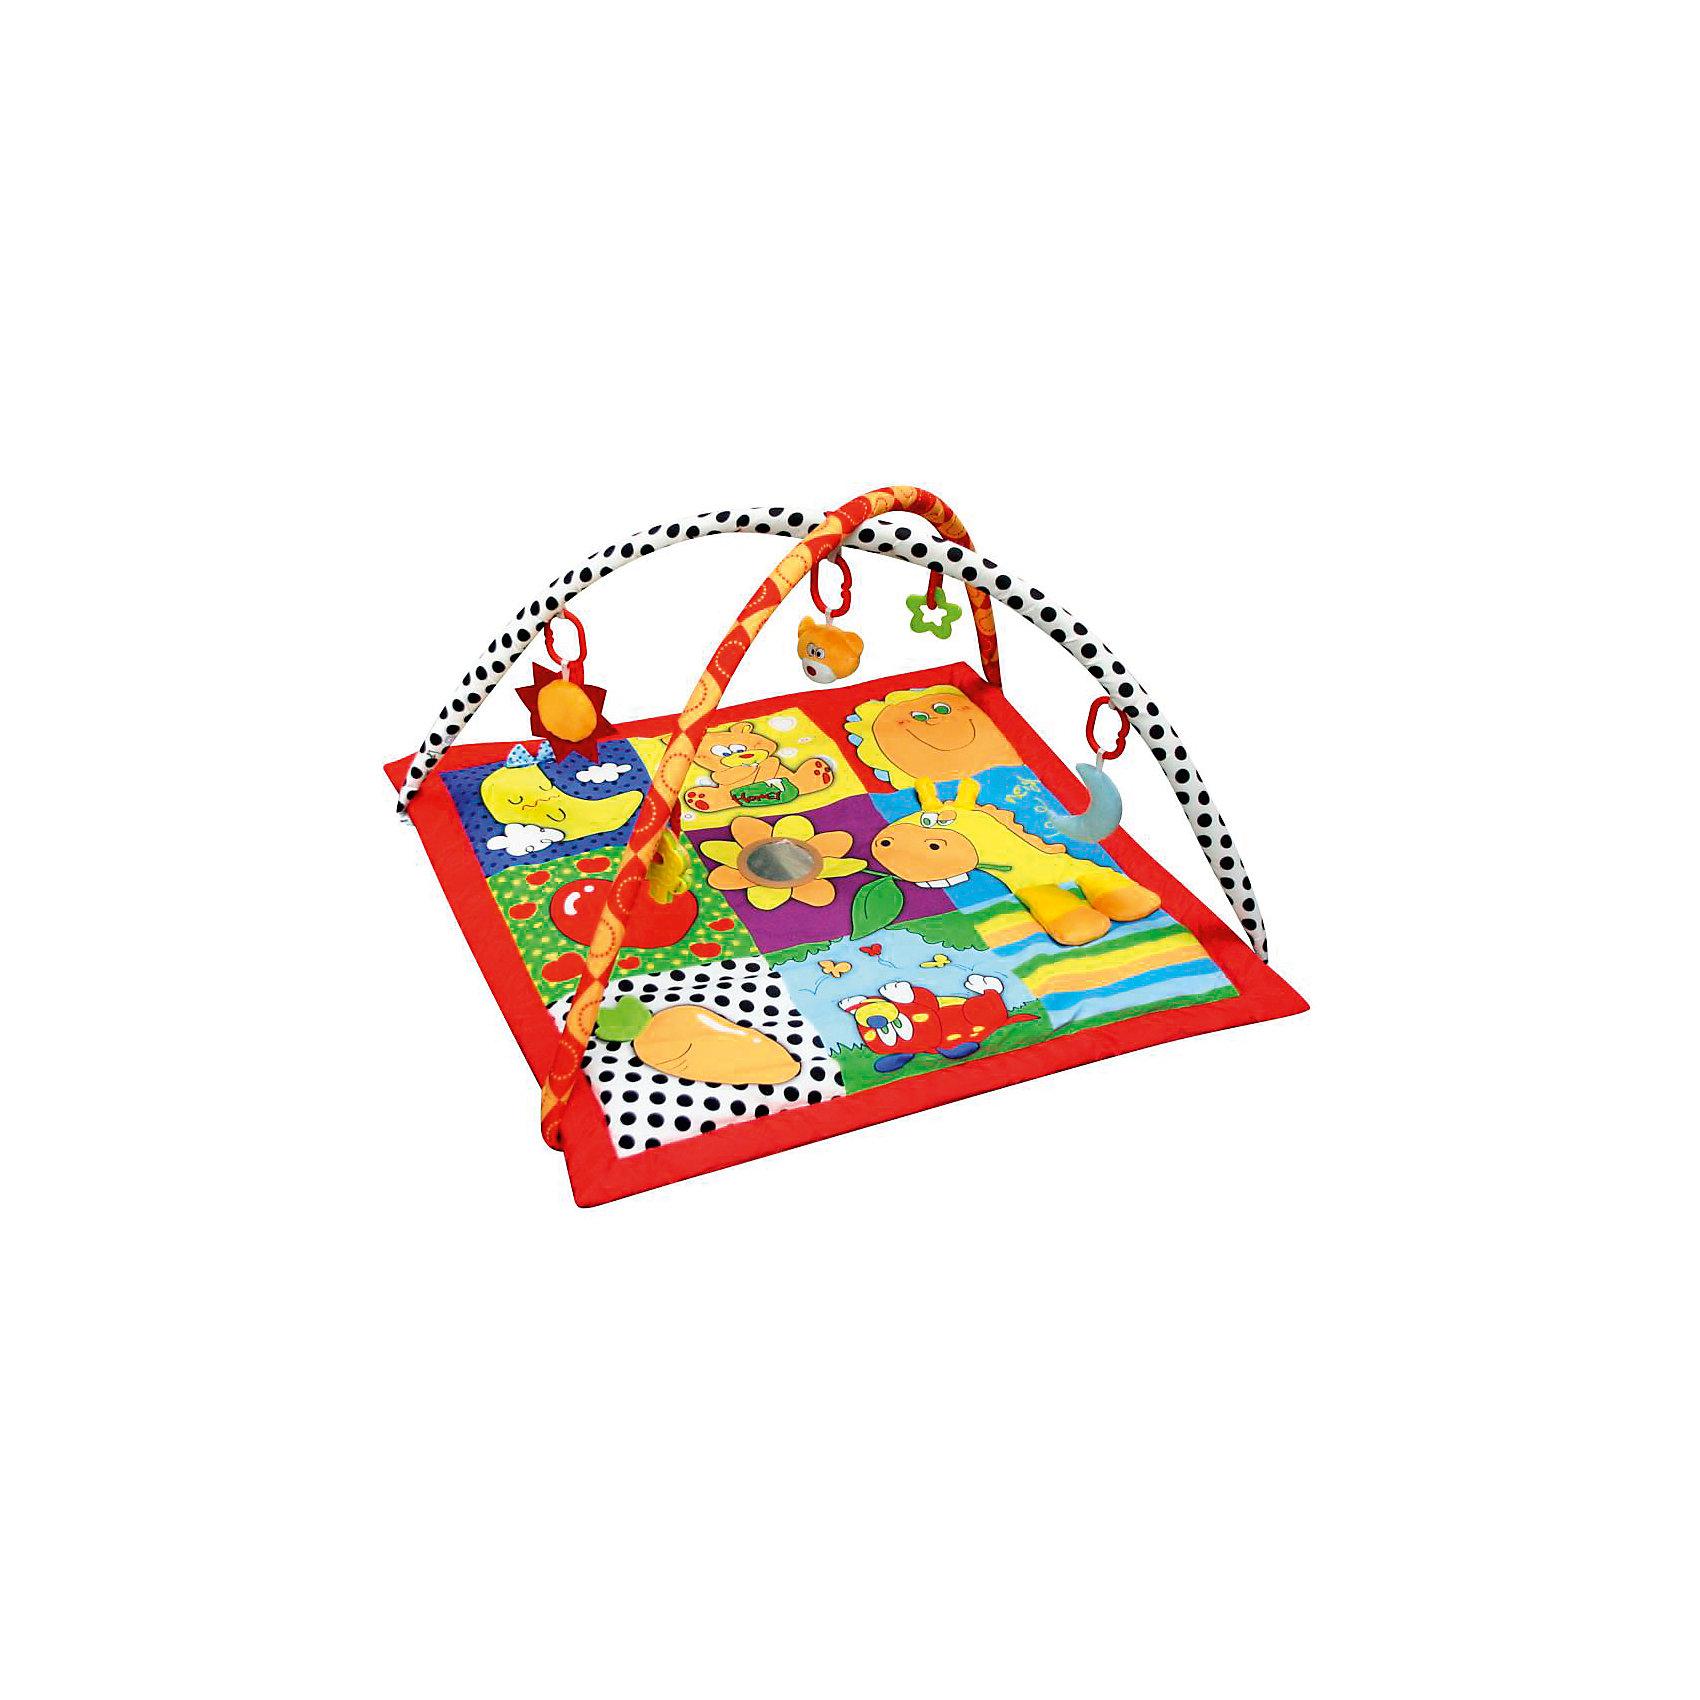 Развивающий игровой коврик  Летняя пора, MERXРазвивающие коврики<br>Развивающий игровой коврик для новорожденных и младенцев. Коврик обеспечит вашему ребенку комфортное и безопасное место для игры, обучения, развития и отдыха.Функции:<br>- Игрушки и 3D лепестки для развития моторики;<br> - Пищалки и шуршалки для развития слуха;                                      <br> - Использованы разнообразные тактильные материалы;<br> - Разноцветный красочный дизайн и зеркальце, способствующие развитию зрения;<br> - Все игрушки, подвешенные на дугах, можно снять с колец и использовать отдельно от коврика;<br> - Компановка элементов коврика вдохновляет ребенка к движению и игре; <br>                                                Комплектность: Игровой коврик с дугами и аксессуарами.<br>На коврике: Пищалка, Шуршащие 3D Лепестки для развития моторики и слуха, Зеркальце, Погремушка. <br>На дугах: Пластиковое кольцо с мягкой игрушкой с пищалкой, Пластиковое кольцо с мягкой игрушкой с погремушкой,  Пластиковое кольцо с мягкой игрушкой с шуршалкой, Пластиковое кольцо с ключами для развития моторики,  Пластиковое кольцо с прорезывателем.Коврик, внешний слой - Полиэстер; Коврик, наполнитель - Полиэстер; Дуга, каркас - Фиберглас; Дуга внешний слой - Полиэстер; Дуга, наполнитель - Полиэстер; Пластиковая игрушка, прорезыватель - Пластик (ABS, PP, PE); Мягкая игрушка, внешний слой и наполнитеь - Полиэстер.78 х 75 х 46 см<br><br>Ширина мм: 780<br>Глубина мм: 750<br>Высота мм: 460<br>Вес г: 940<br>Возраст от месяцев: 0<br>Возраст до месяцев: 36<br>Пол: Унисекс<br>Возраст: Детский<br>SKU: 5543777